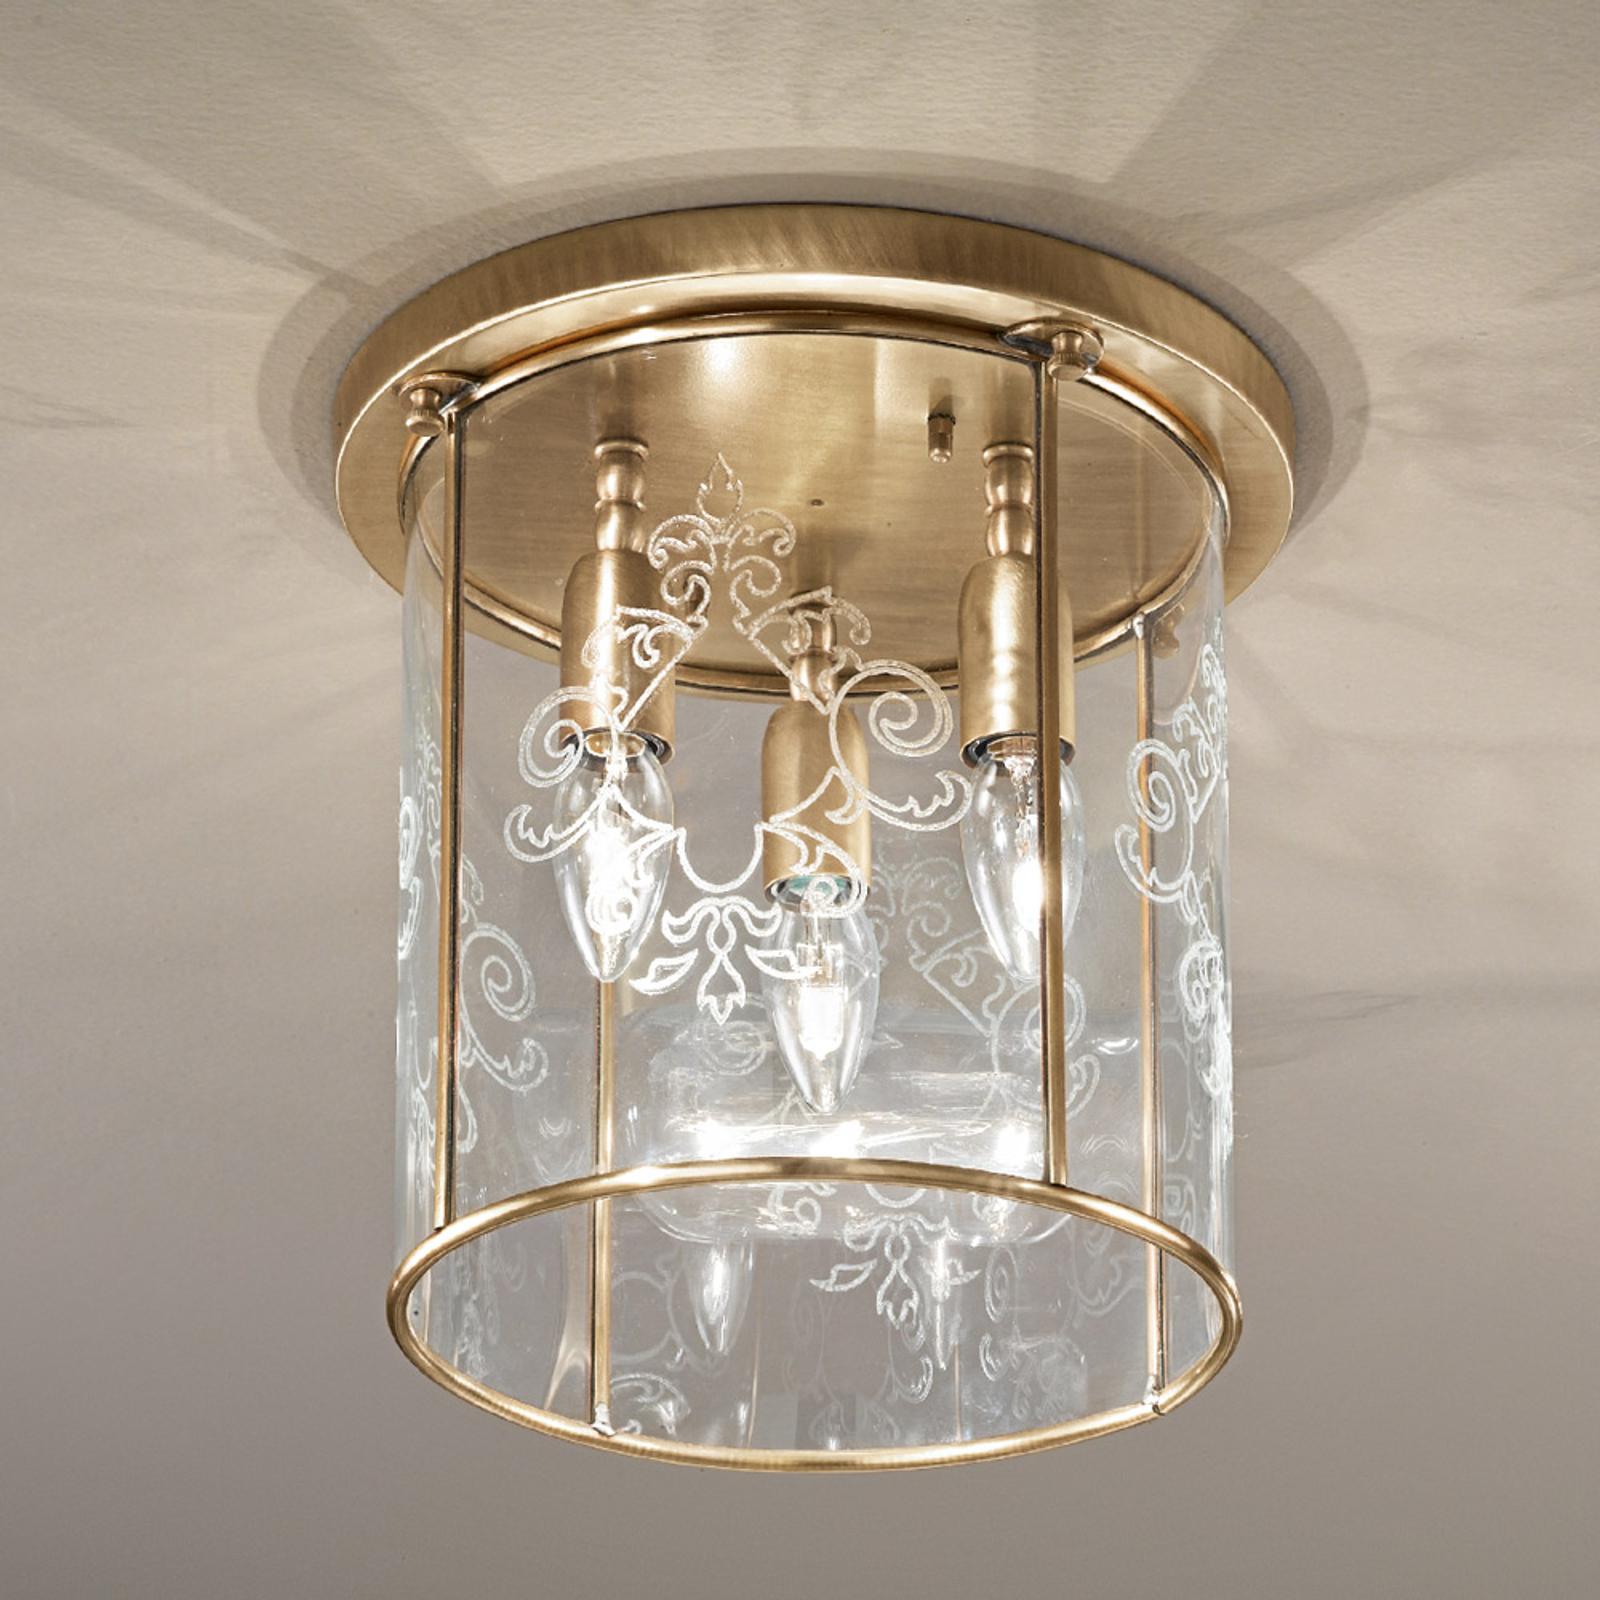 Bronzeret loftslampe Greta, 3 lyskilder